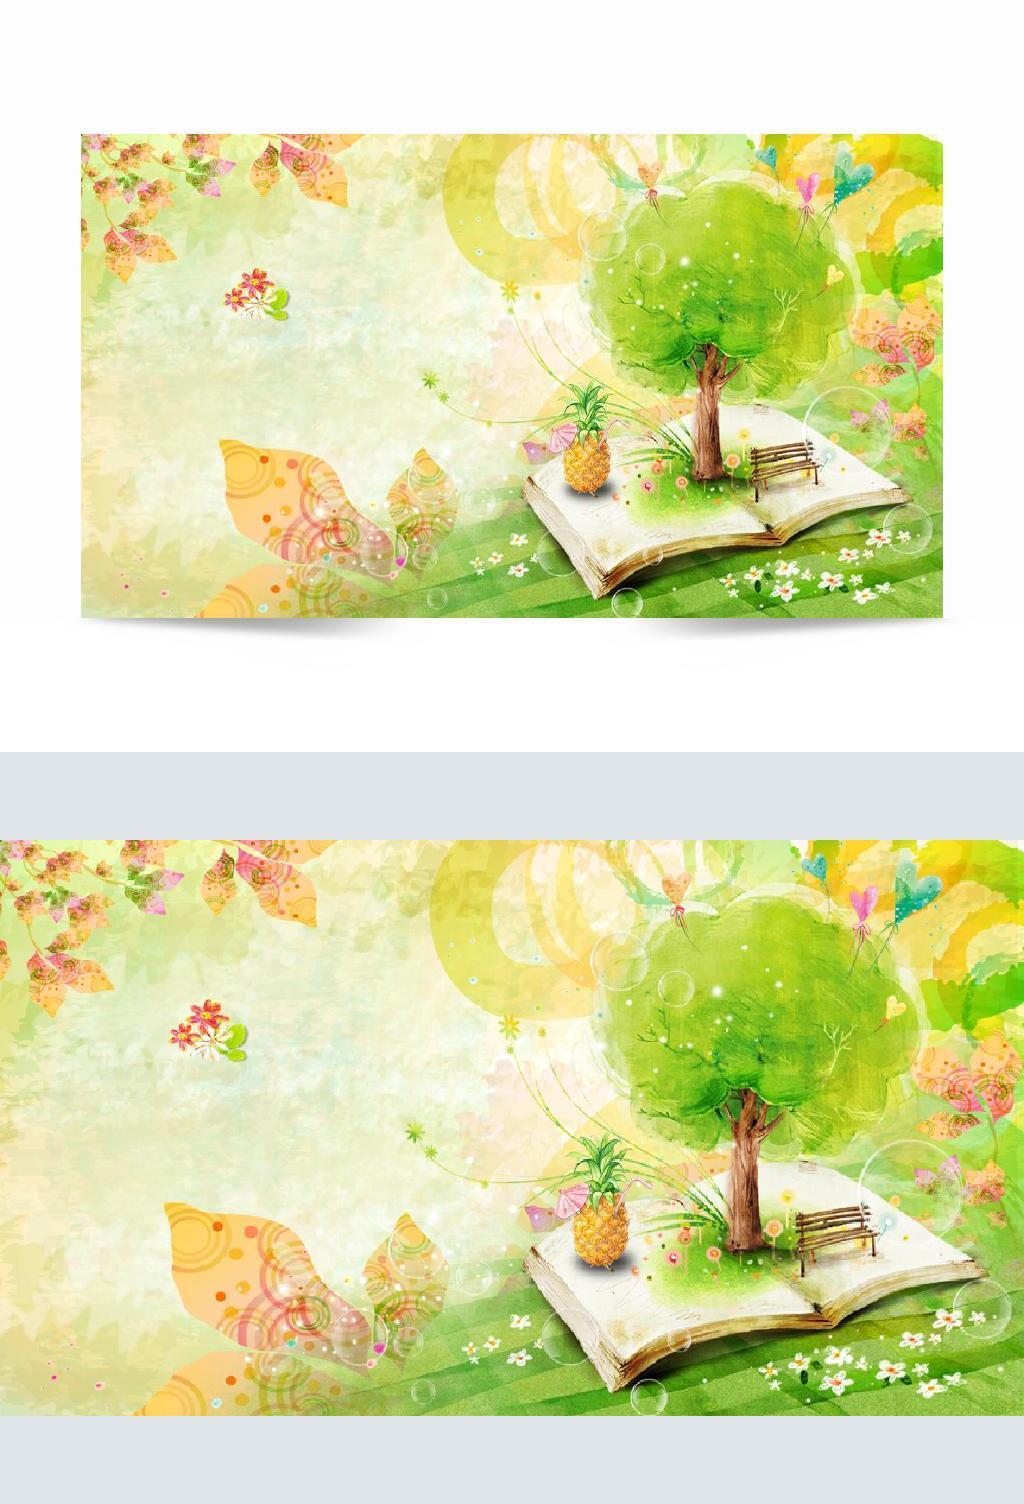 大树休闲书籍背景